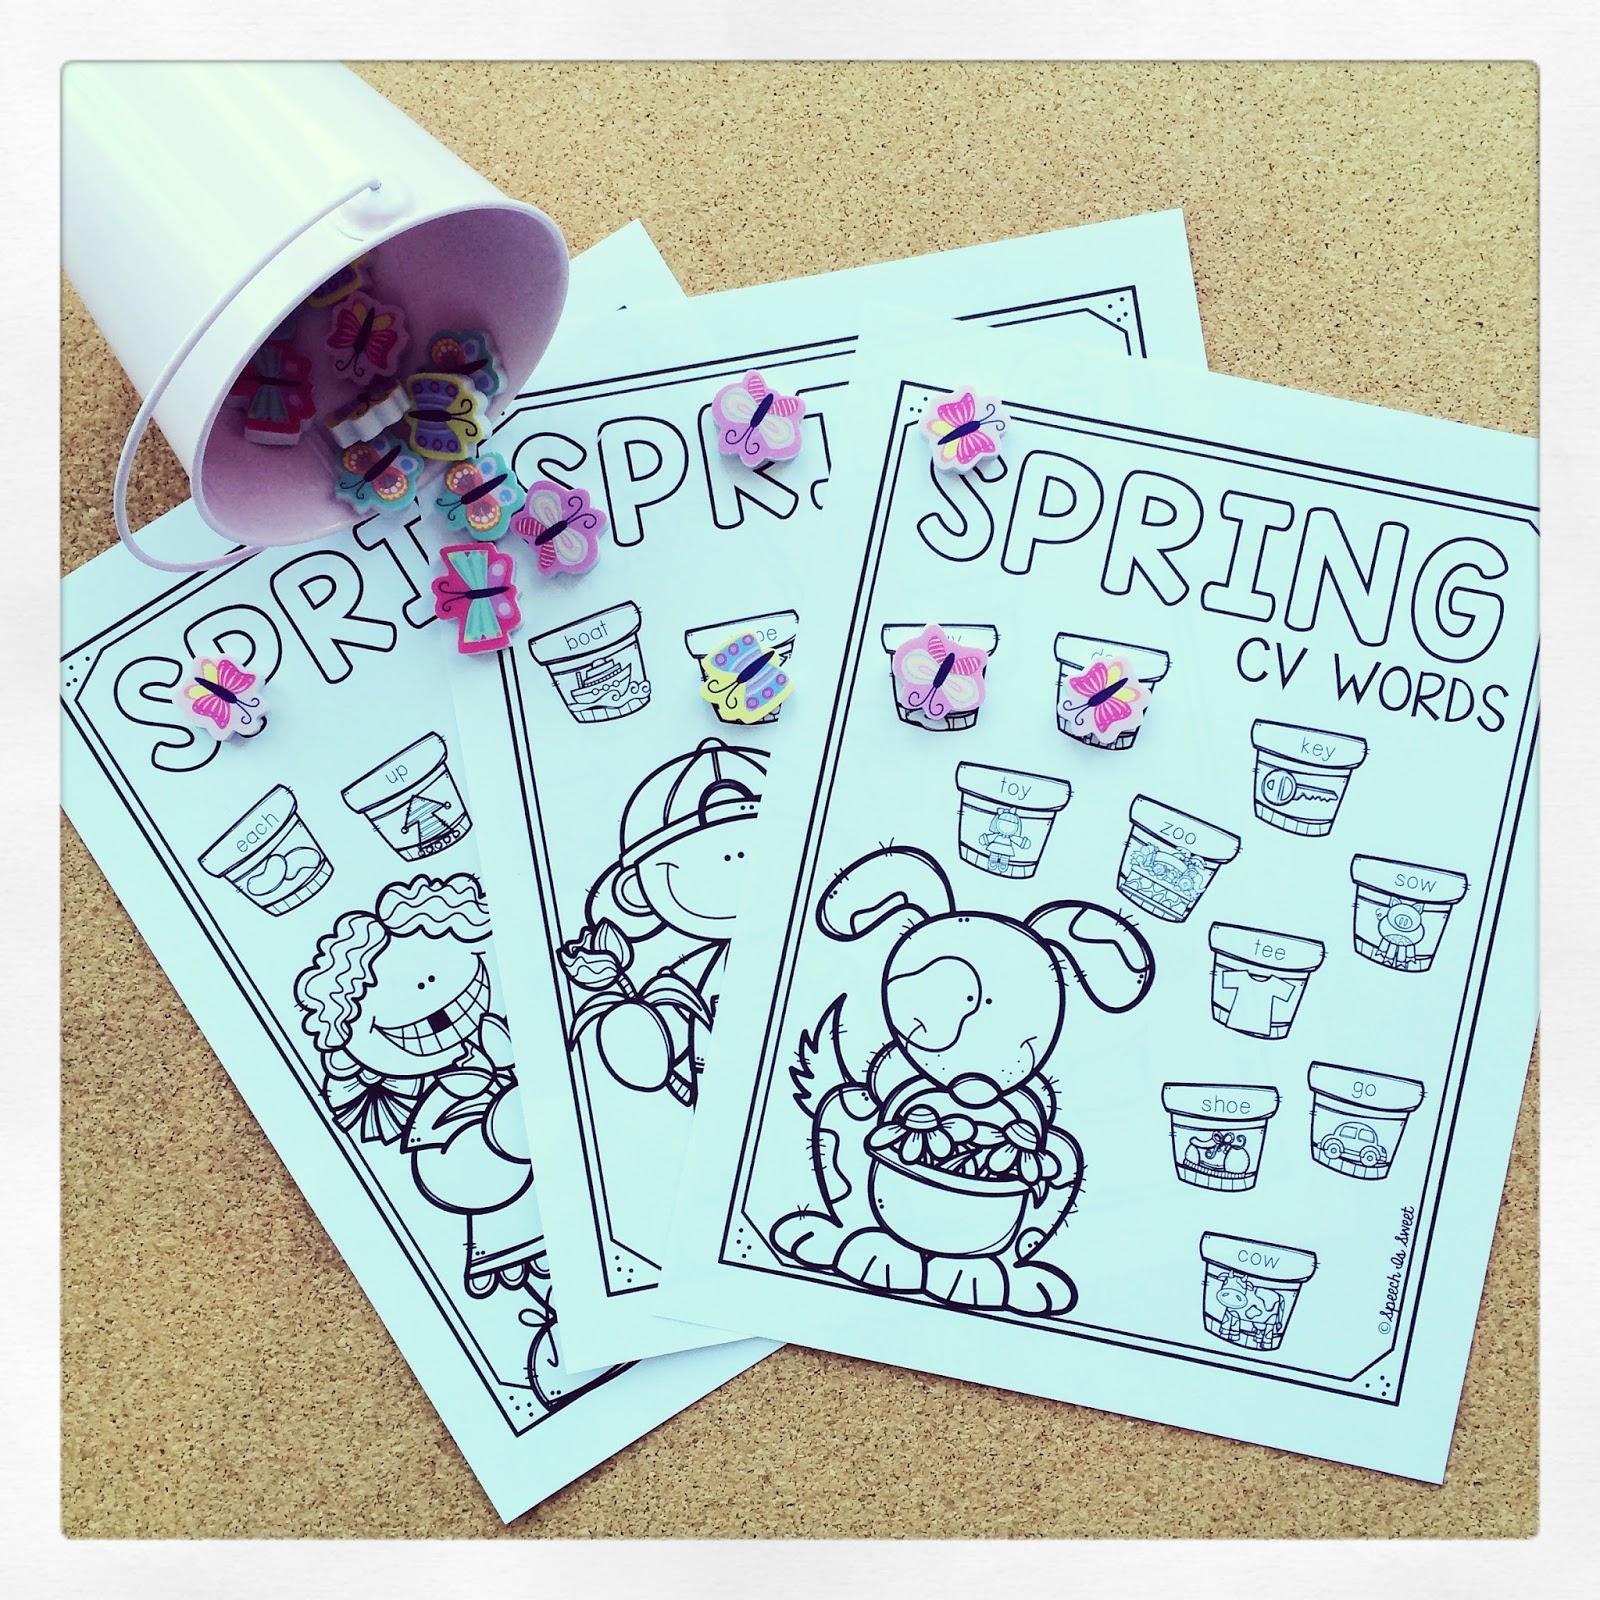 speech is sweet spring apraxia